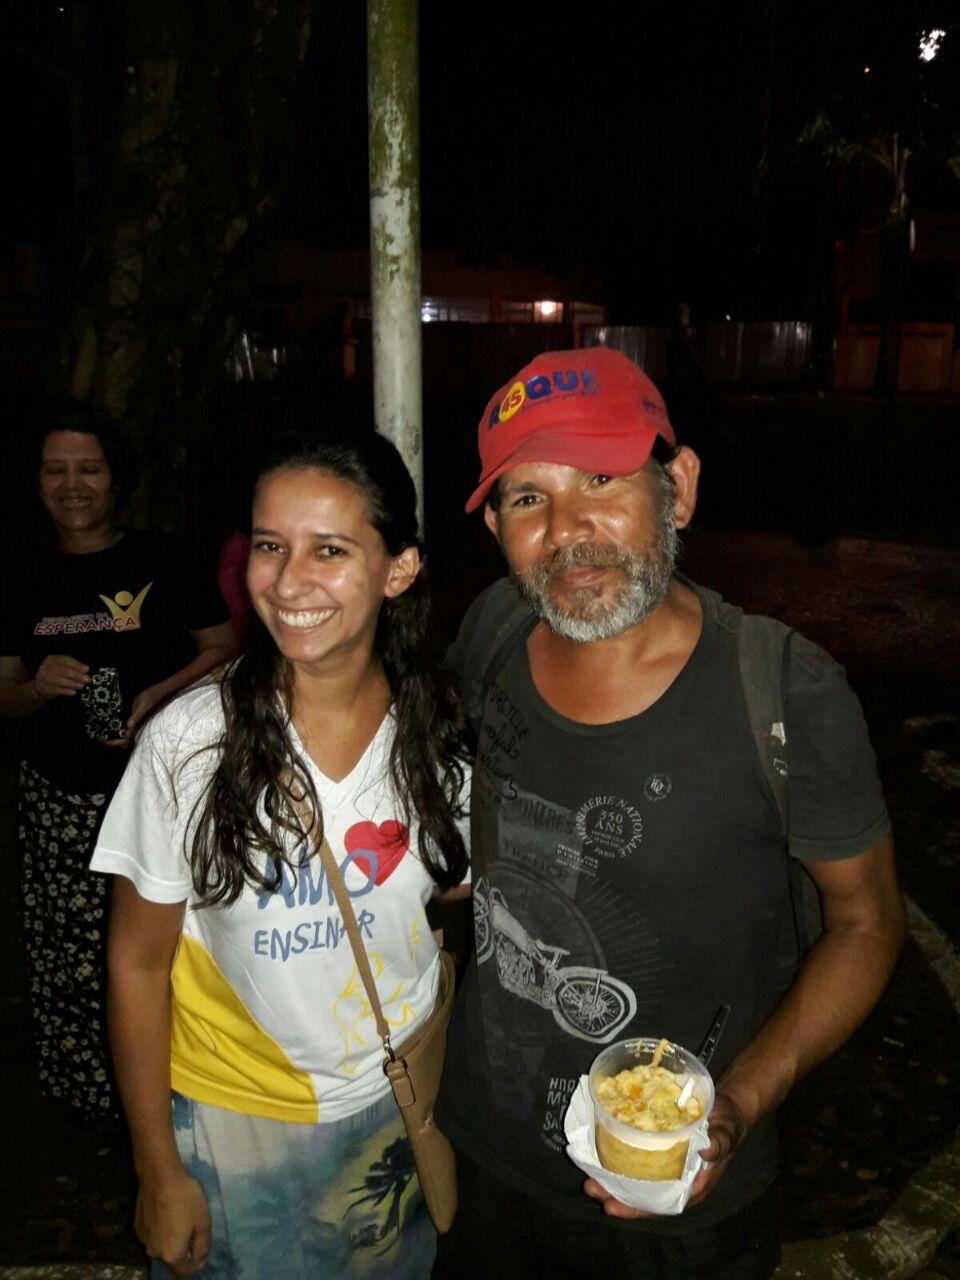 Os alunos das classes de Escola Sabatina darão assistência semanal aos moradores de rua da Praça dos Leões, em Paranaguá.